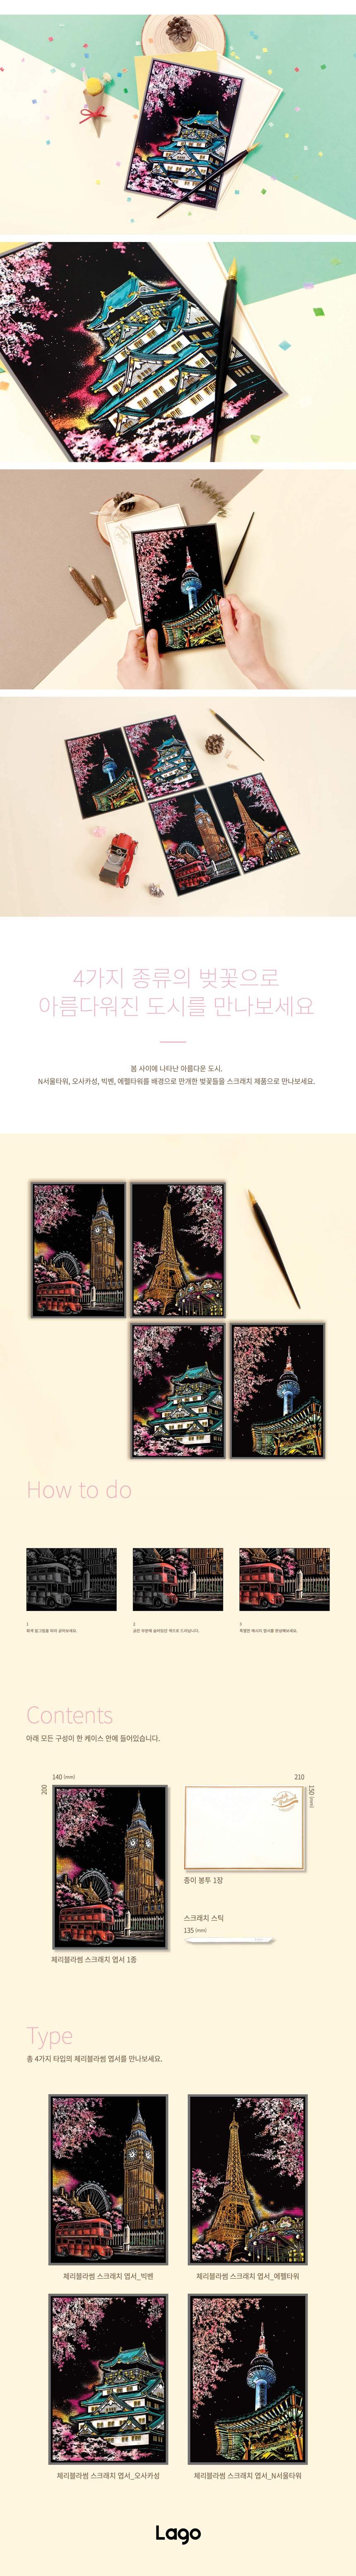 체리블라썸 스크래치 나이트뷰 엽서_Cherry blossom Scratch Postcard4,900원-라고디자인문구, 카드/편지/봉투, 엽서, 일러스트바보사랑체리블라썸 스크래치 나이트뷰 엽서_Cherry blossom Scratch Postcard4,900원-라고디자인문구, 카드/편지/봉투, 엽서, 일러스트바보사랑